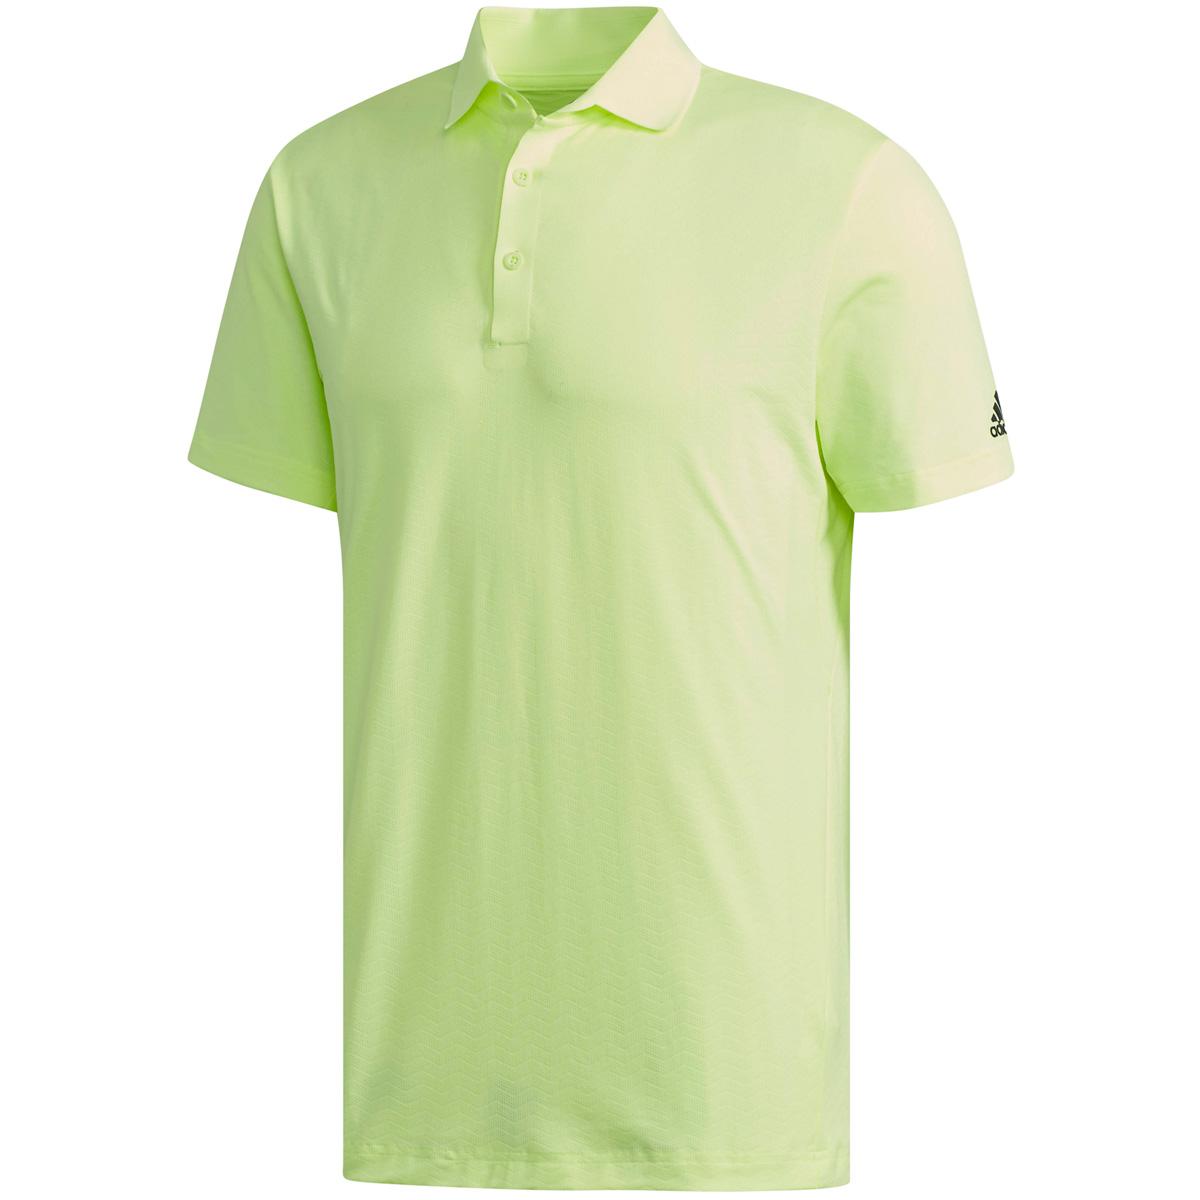 ストレッチ ULTIMATE365 climacool テクスチャー 半袖ポロシャツ